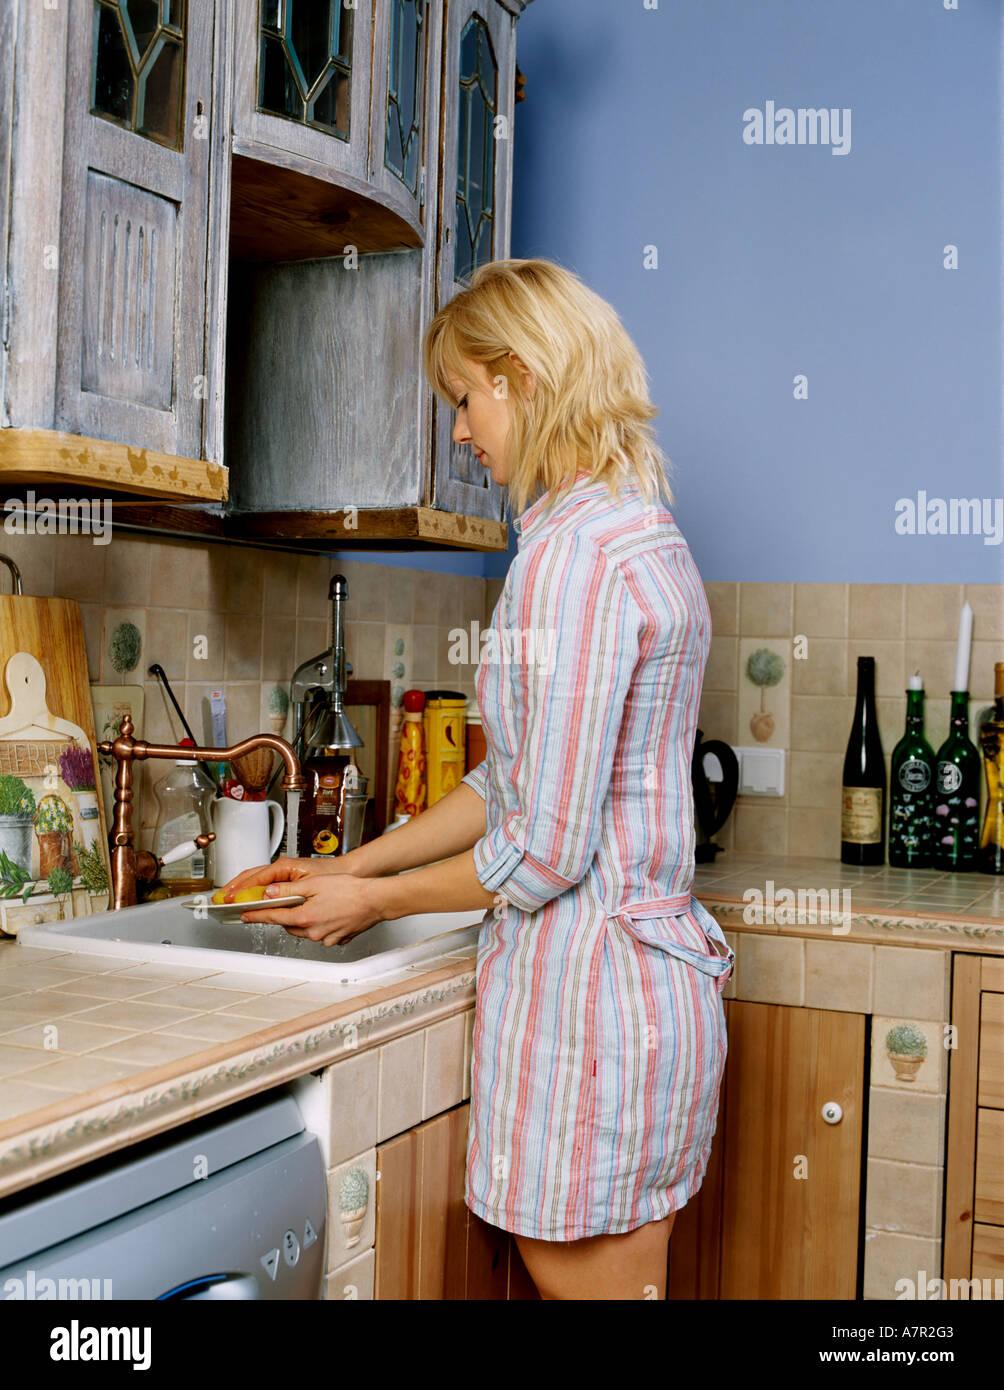 Flache Innenkuche Schrank Schranke Frau Junges Madchen 20 25 Blonde